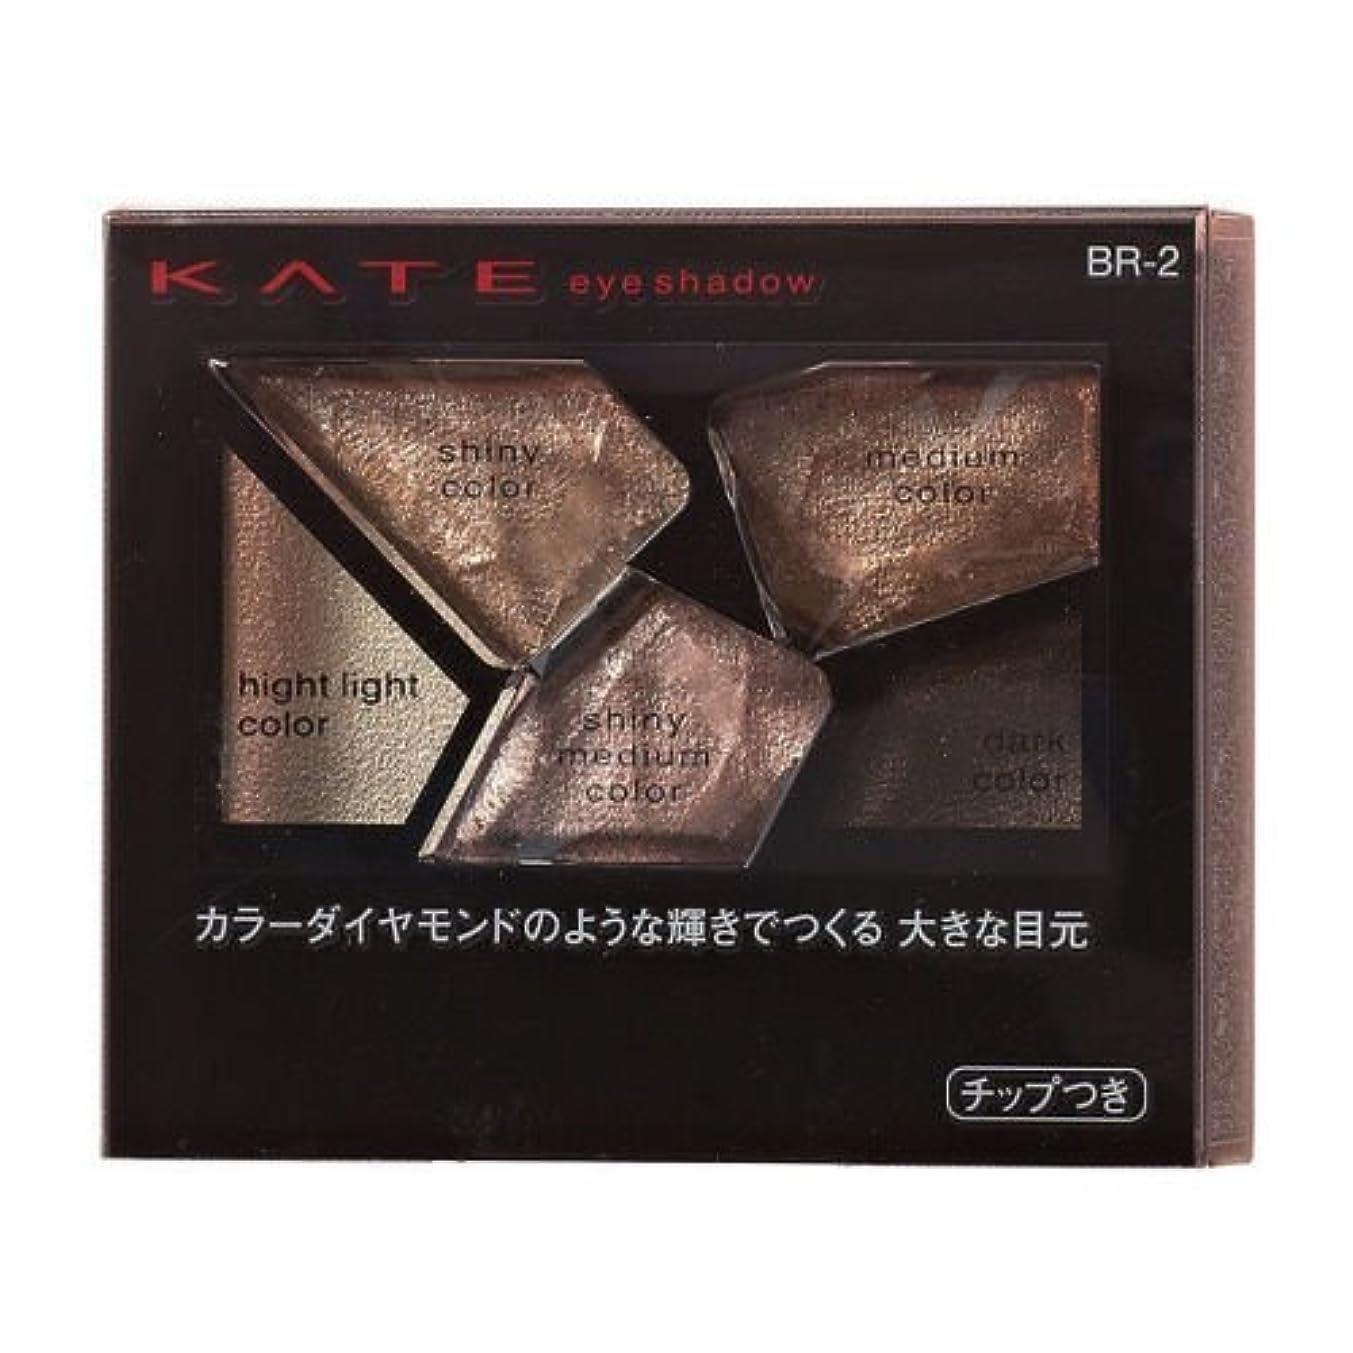 階骨折寄稿者【カネボウ】ケイト カラーシャスダイヤモンド #BR-2 2.8g